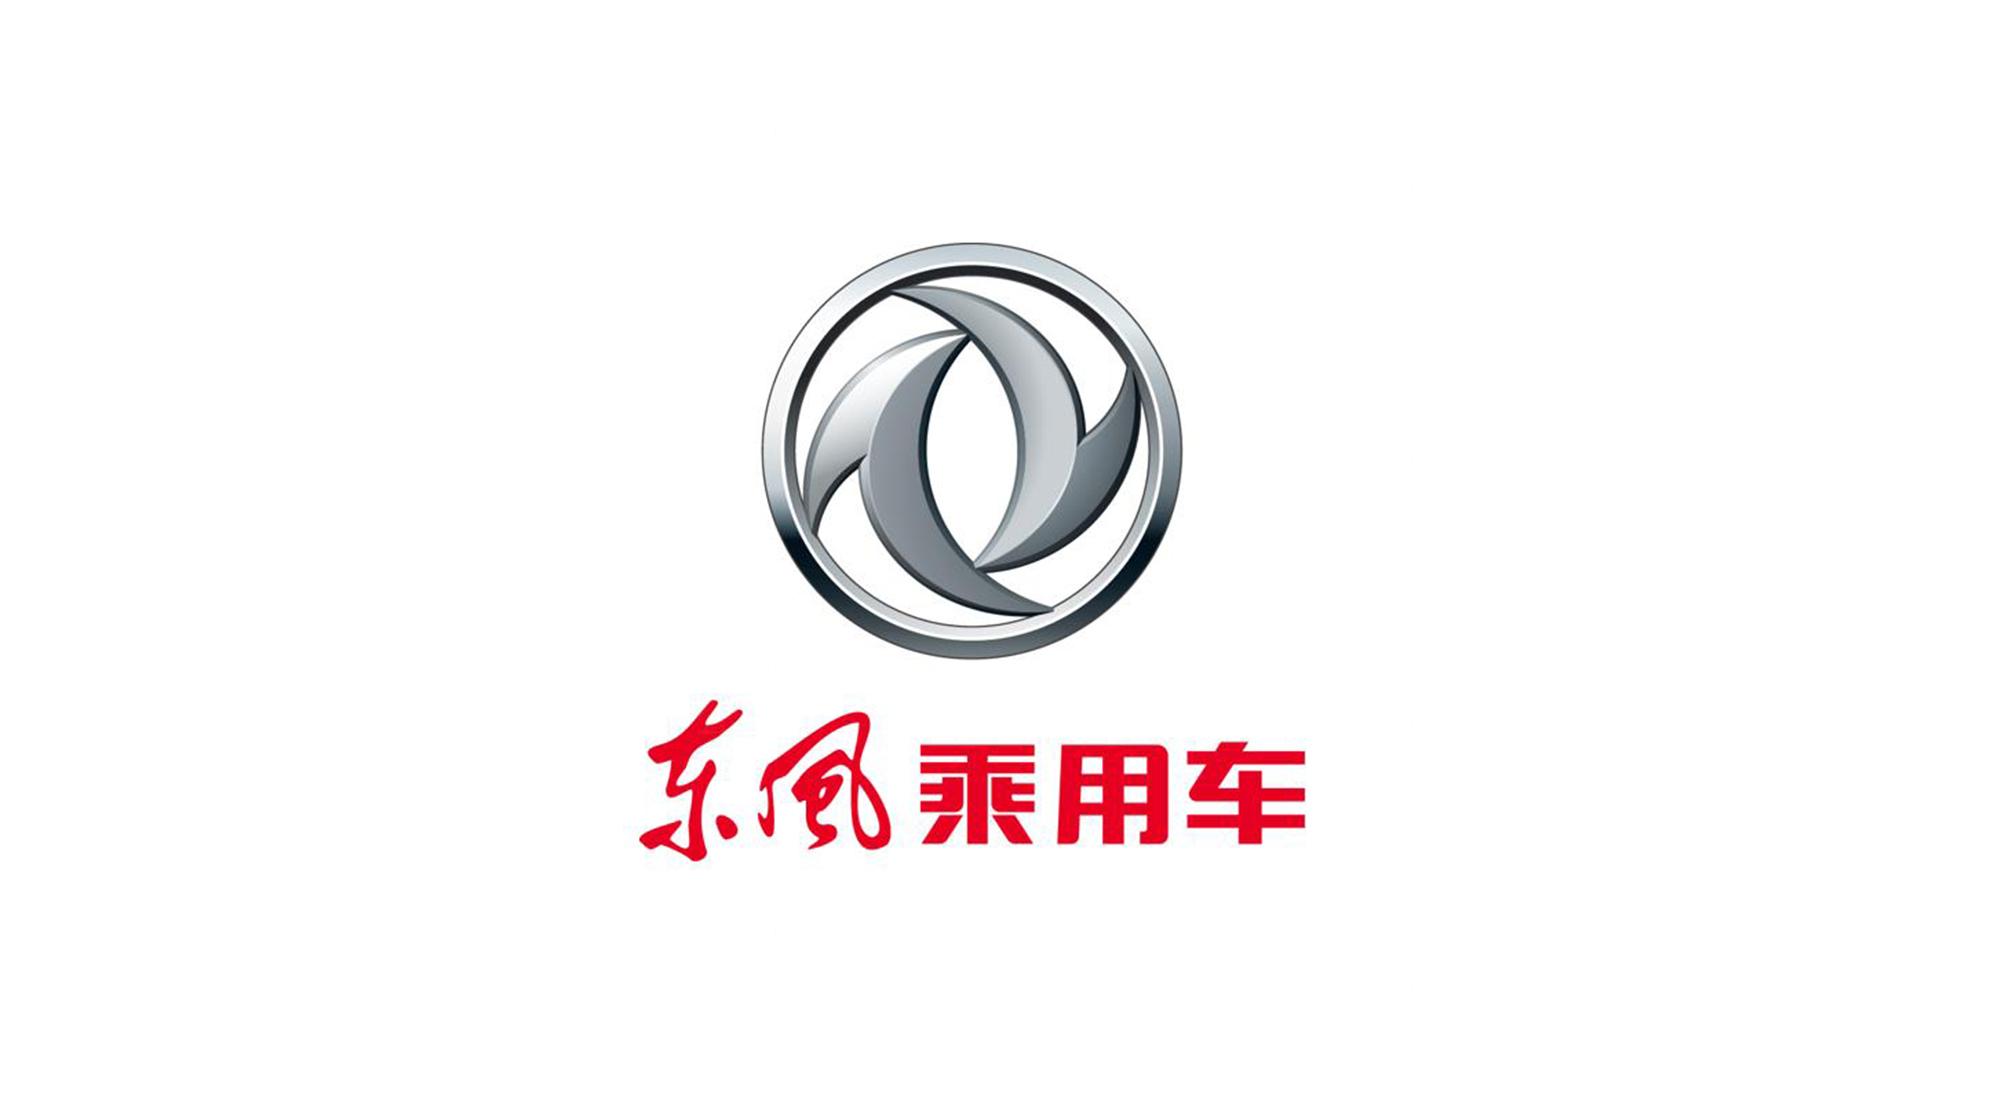 汽车业品牌设计东风乘用车LOGO优化&VI设计